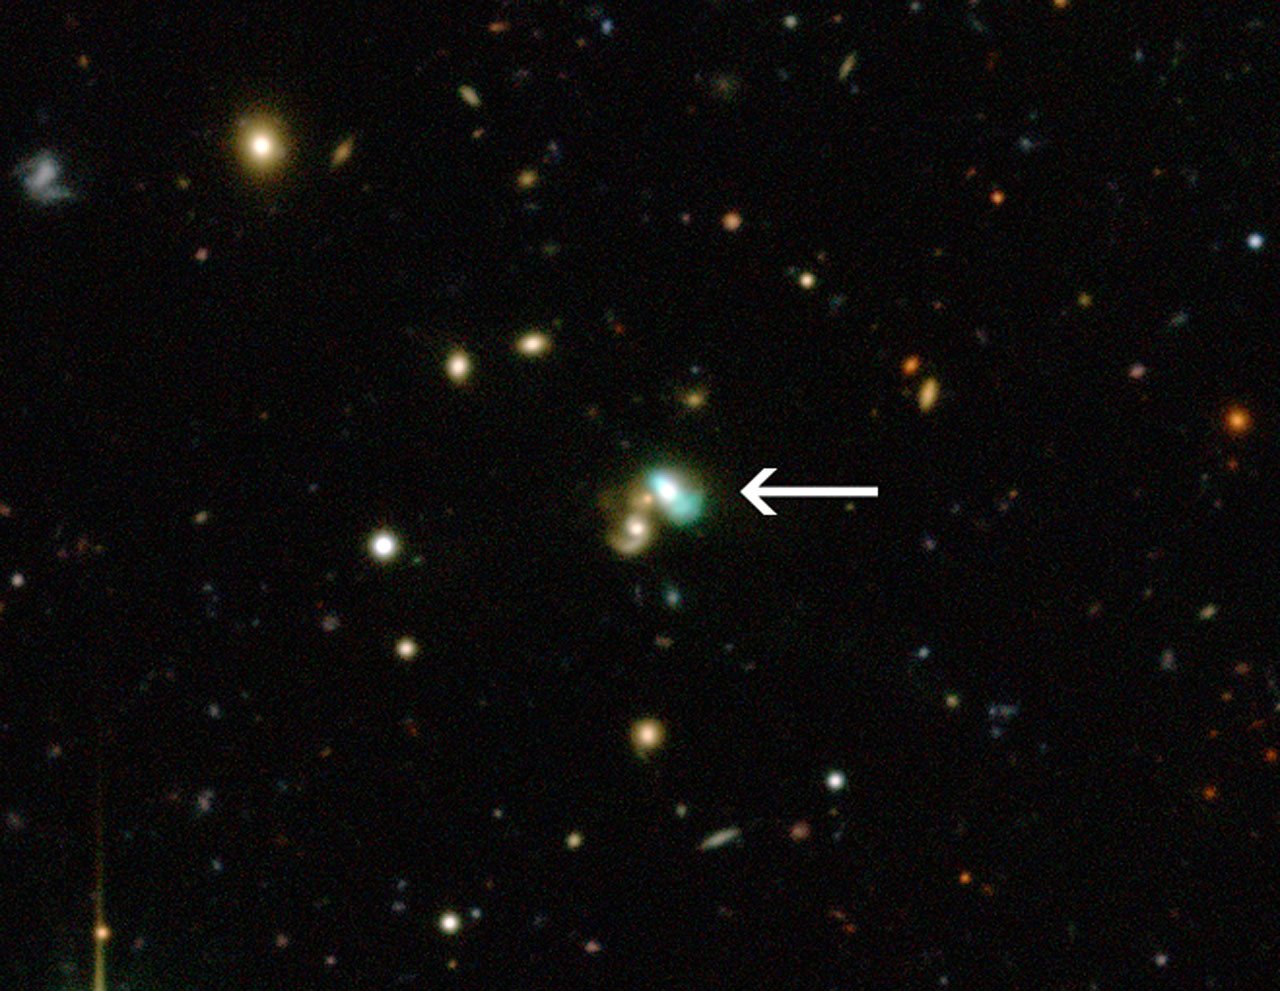 La galassia J2240 eccezionalmente luminosa, la formazione di pianeti rocciosi attorno alle Nane Brune e le molecole organiche di Marte